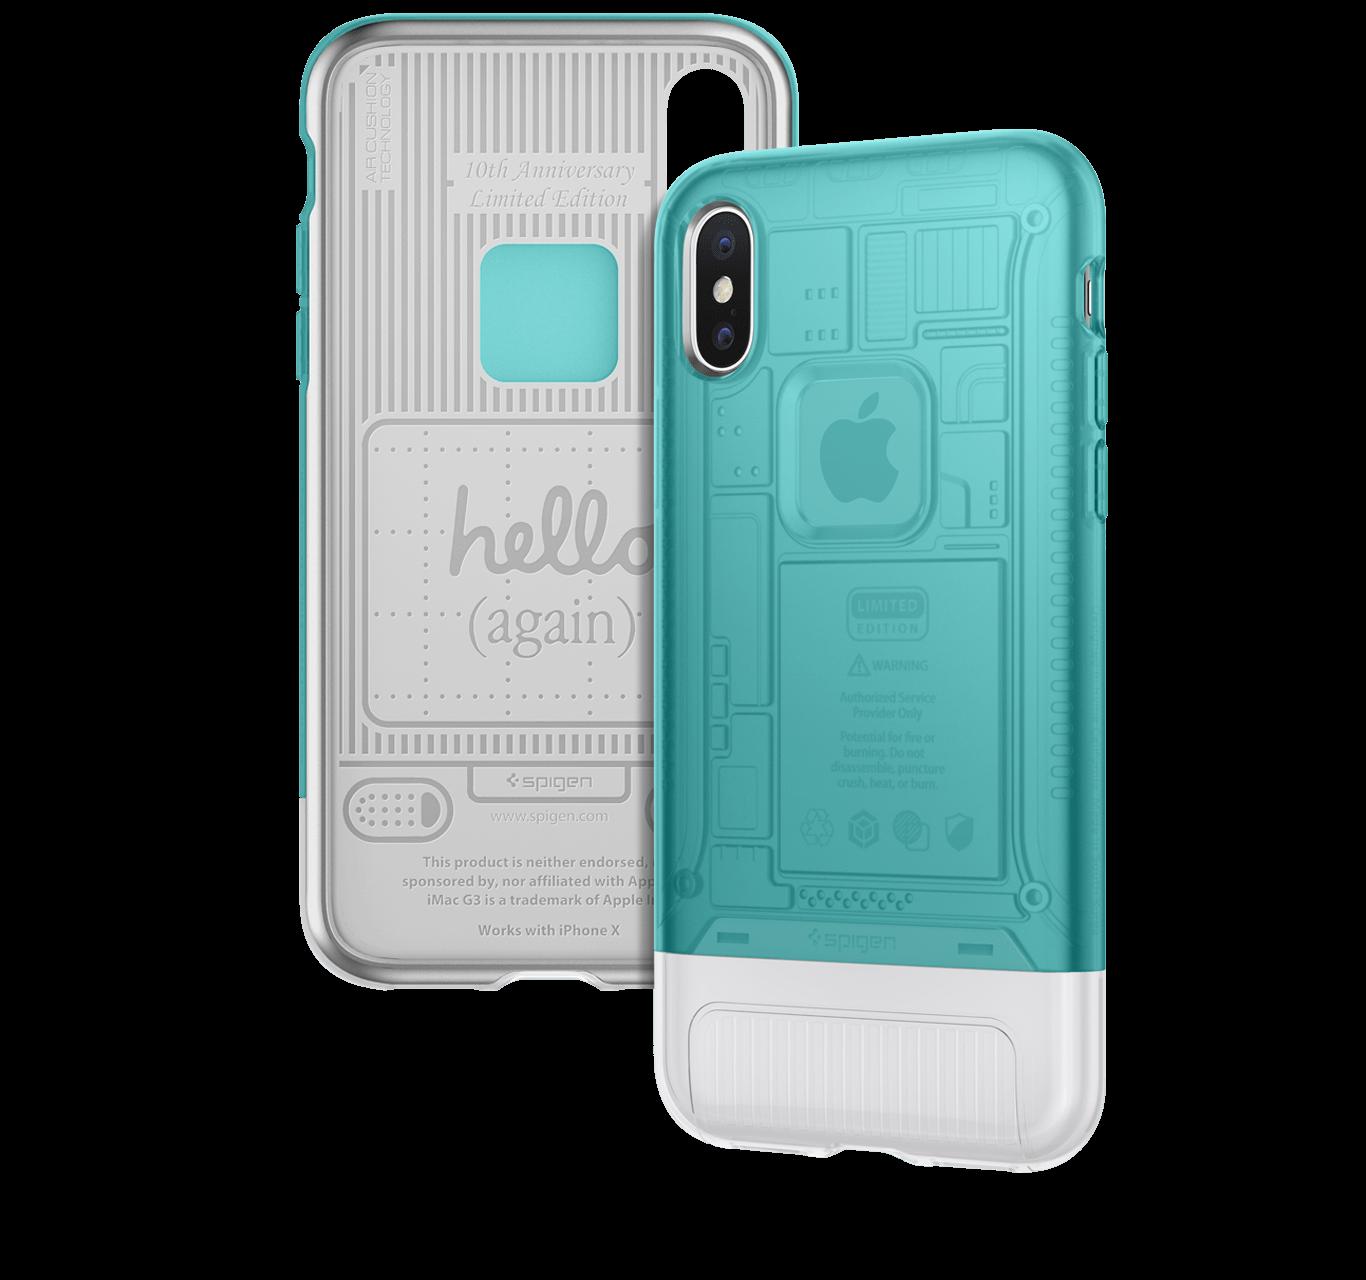 promo code 51e9c 2d15a Spigen offers iPhone X cases in iMac G3 design - mac&egg